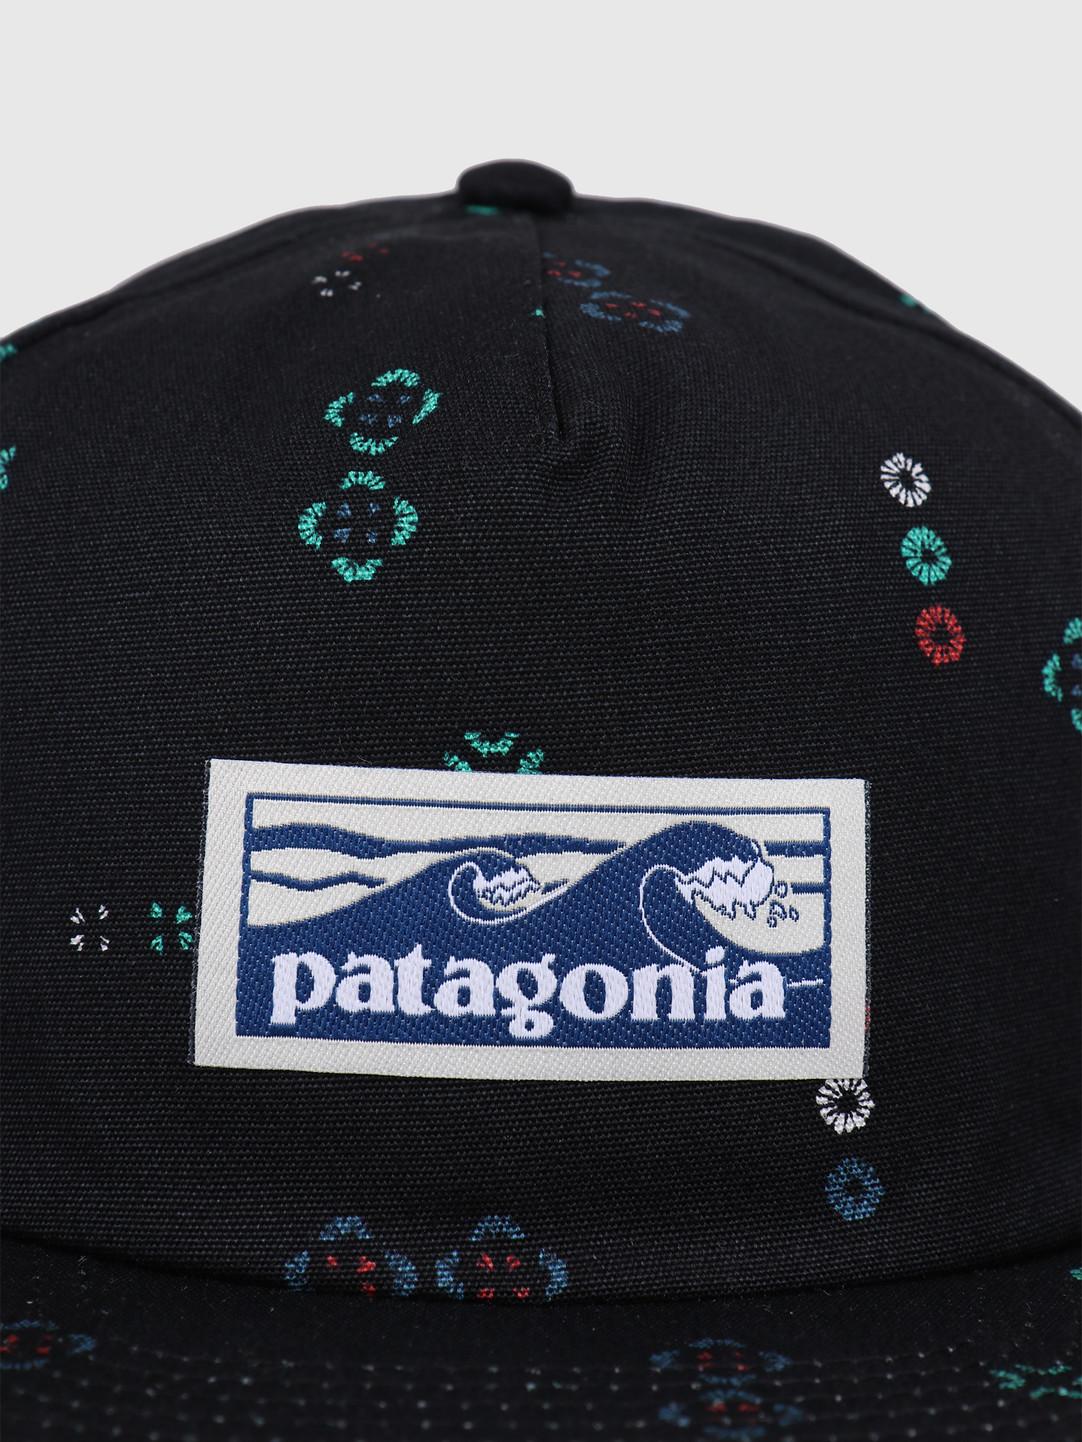 Patagonia Patagonia Boardshort Label Funfarer Cap Micro Mixture Small Ink Black 38278